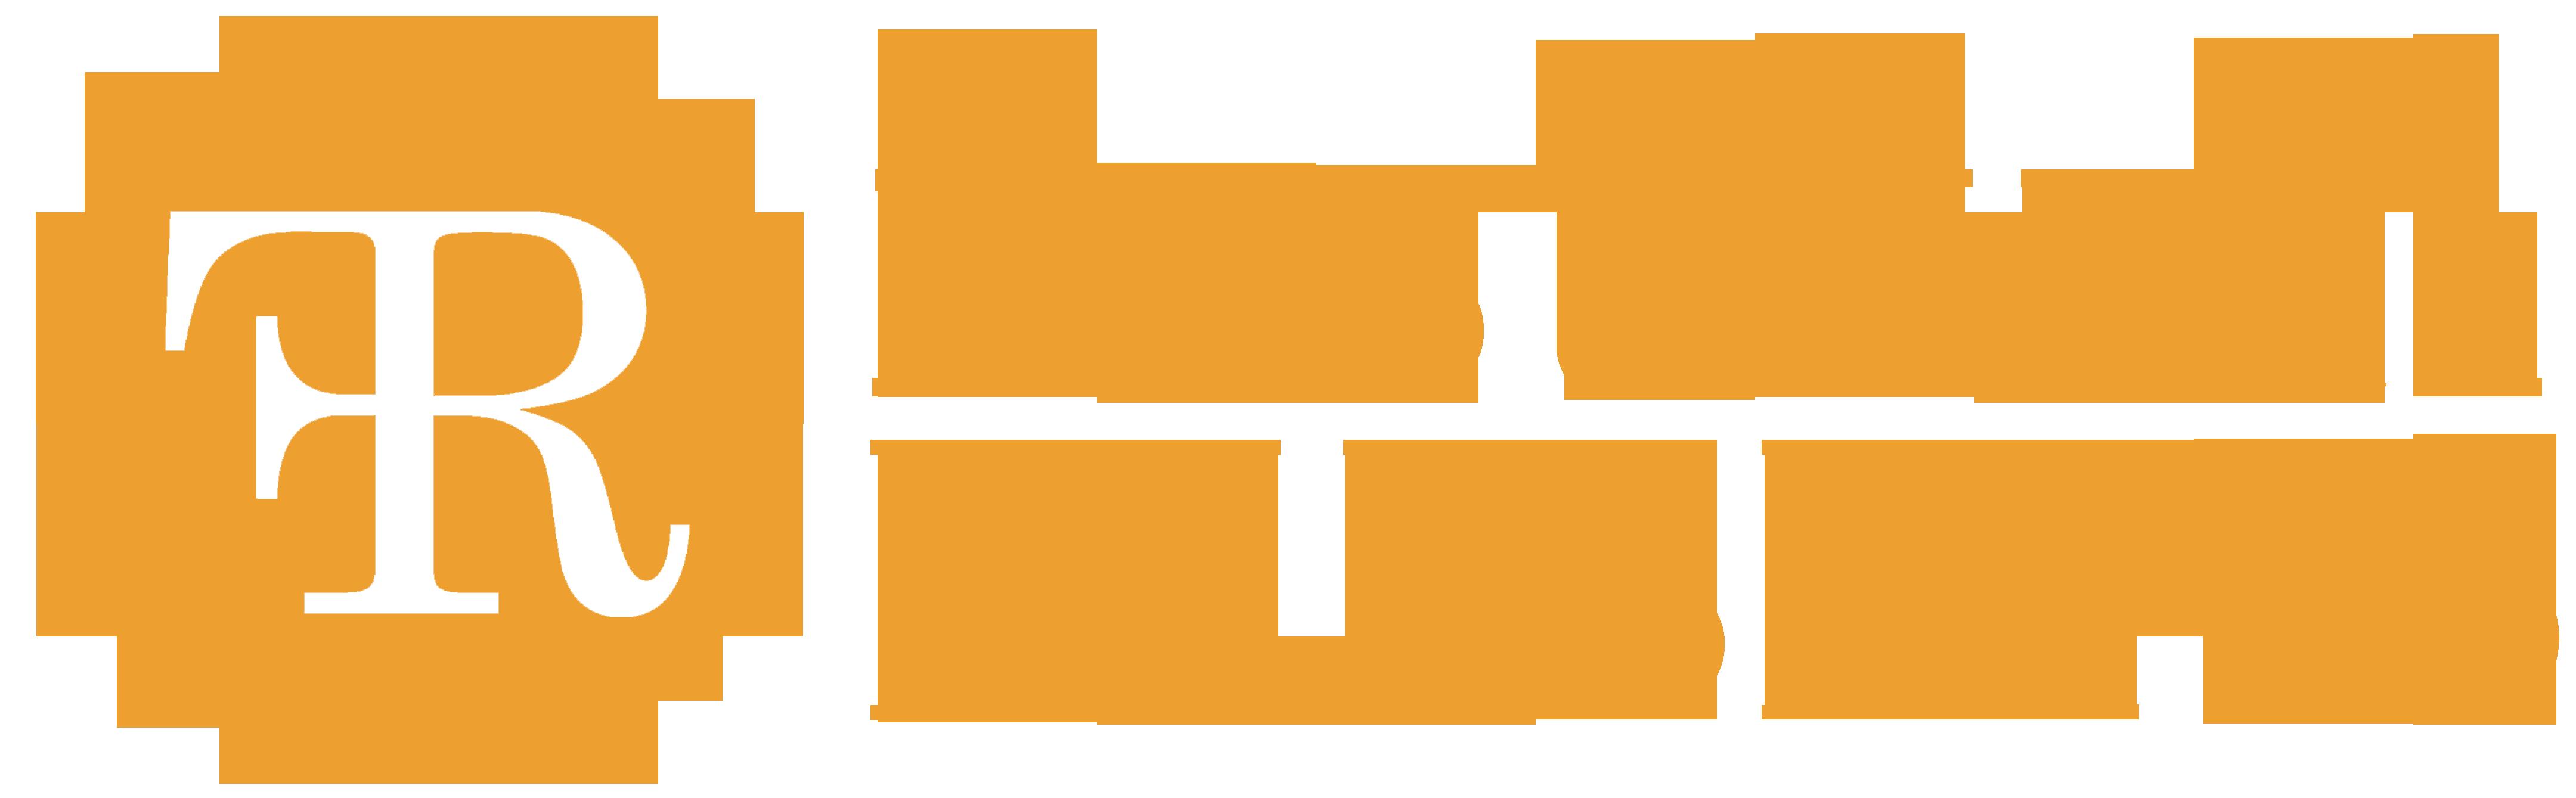 Festival Rubens | 2019 Primera edición